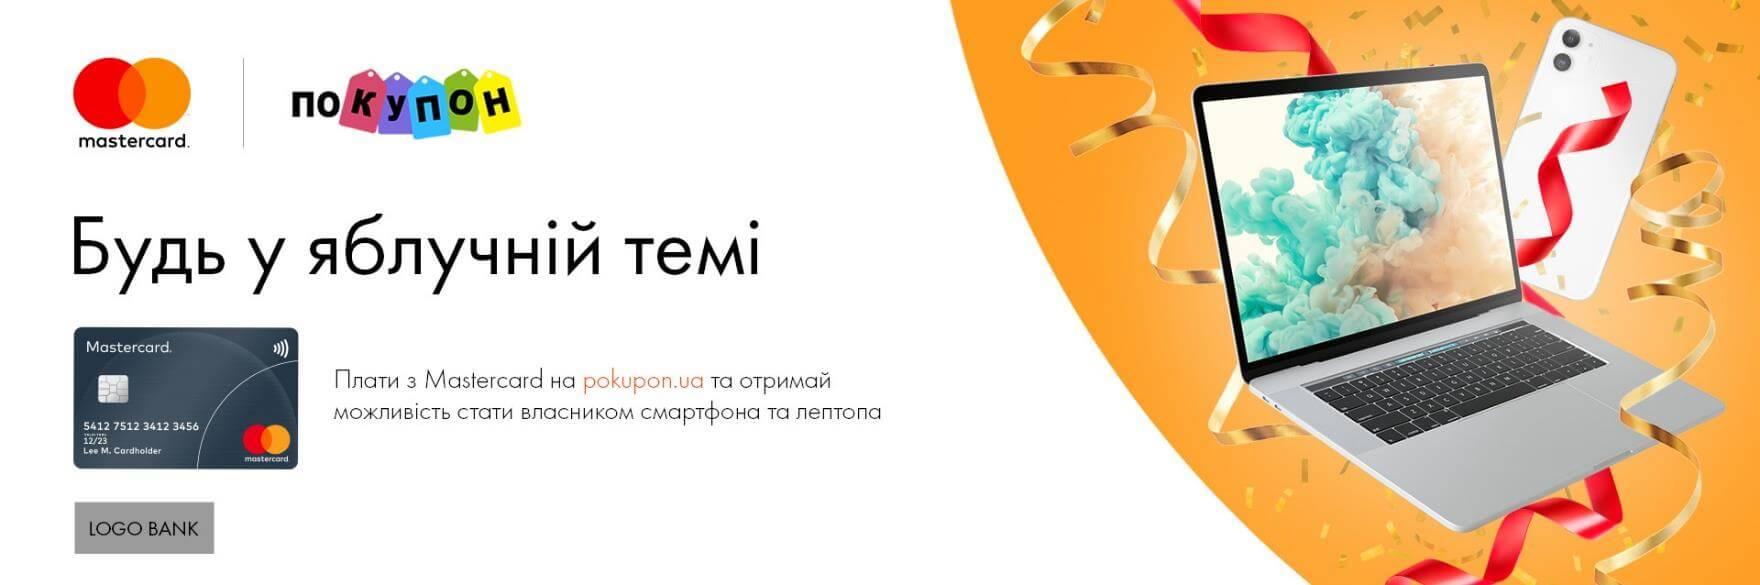 Специальное предложение Mastercard в рамках промо акциии с компанией Pokupon - фото - mtb.ua